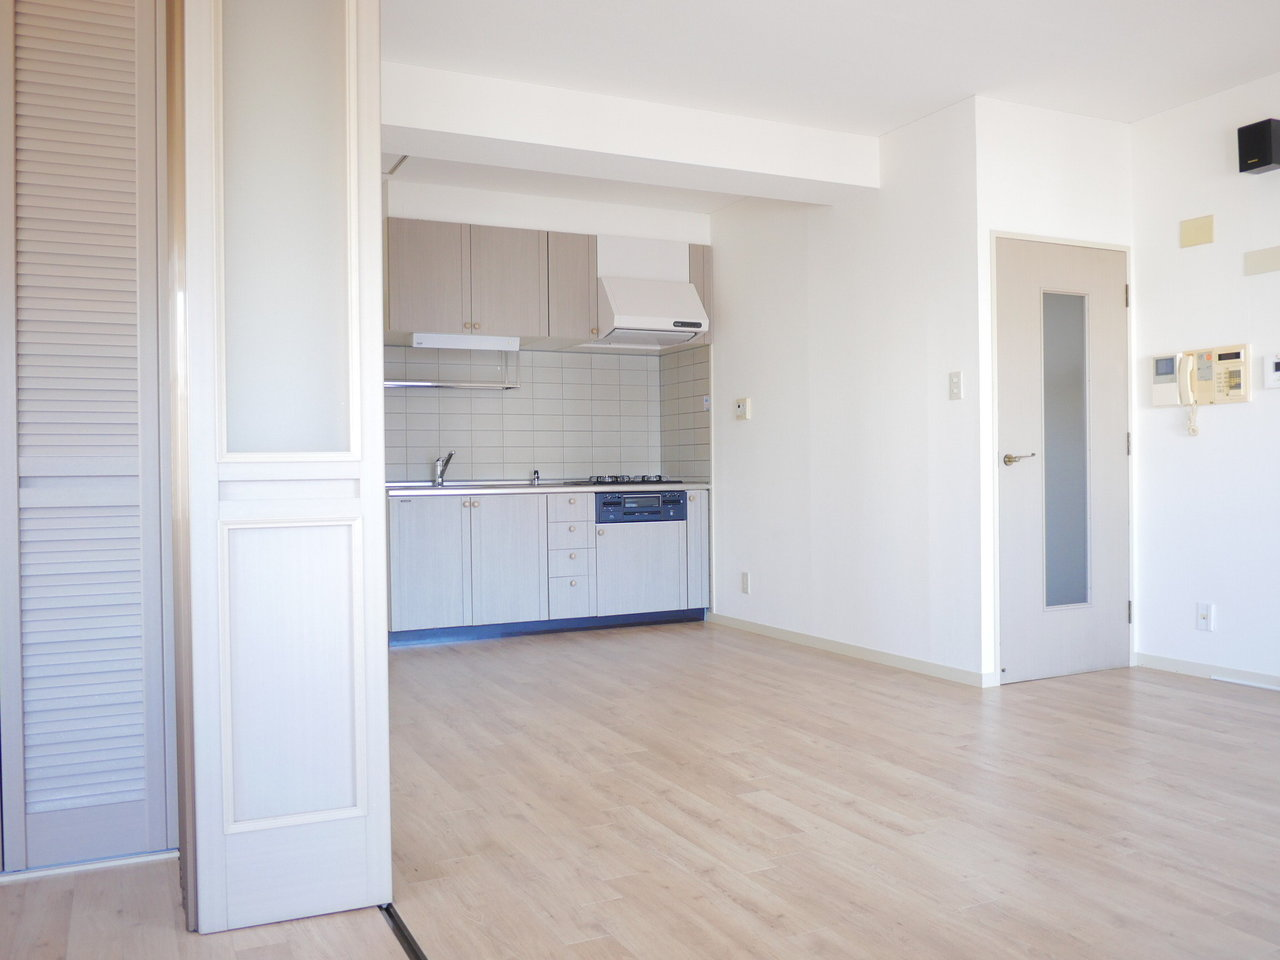 間仕切り、キッチンの扉はちょっぴりレトロなかわいいデザイン。